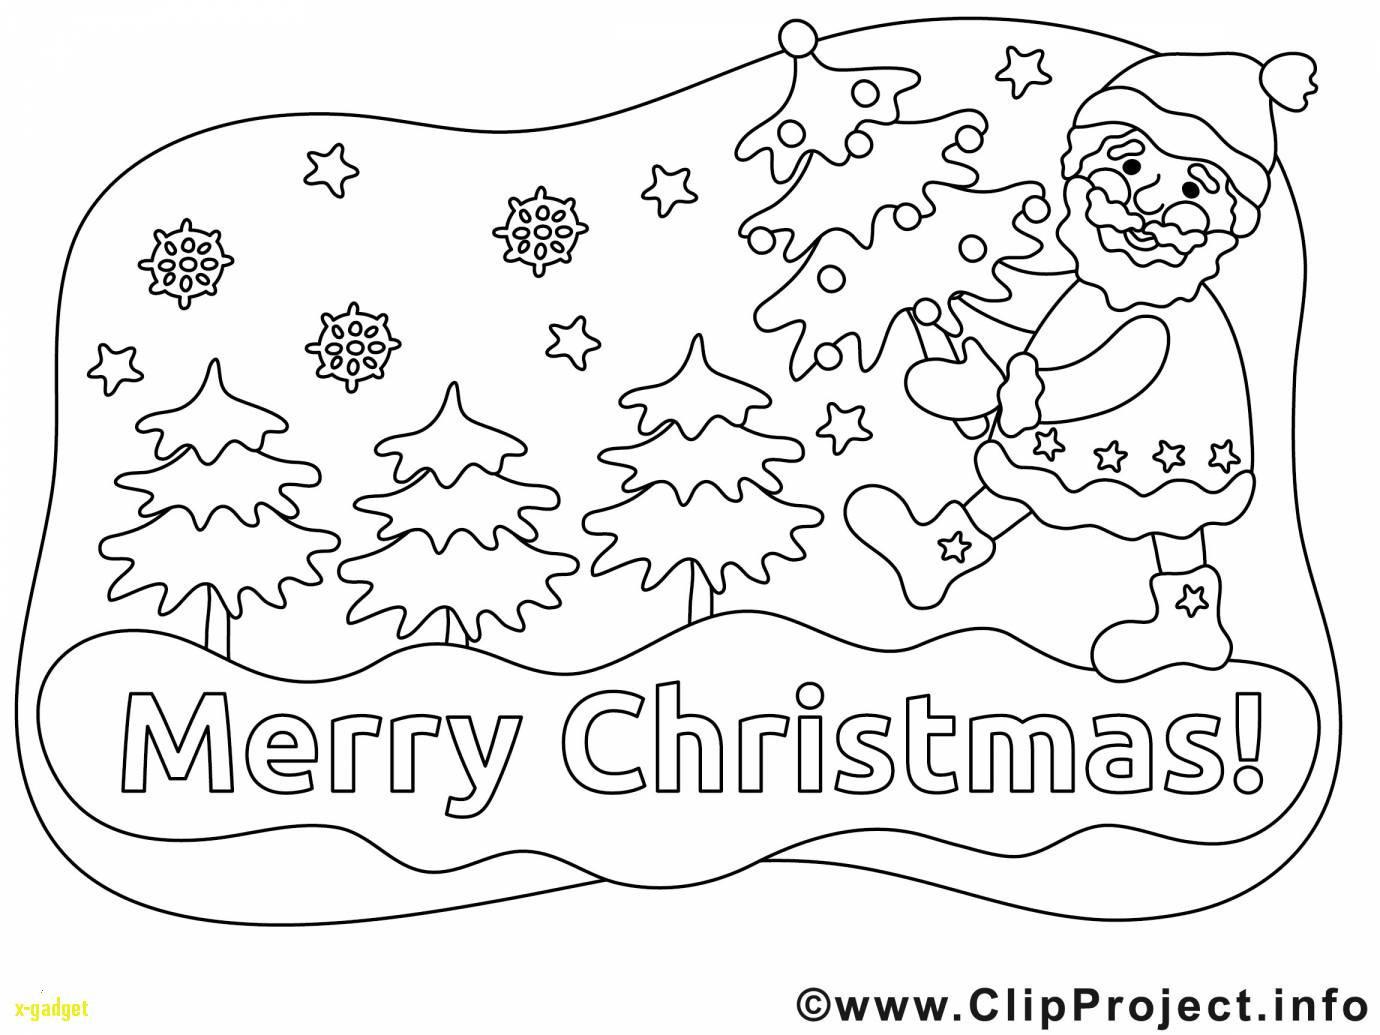 Fische Zum Ausmalen Und Ausdrucken Frisch Ausmalbilder Olaf Schneemann Einzigartig Weihnachten Ausmalbilder Bild